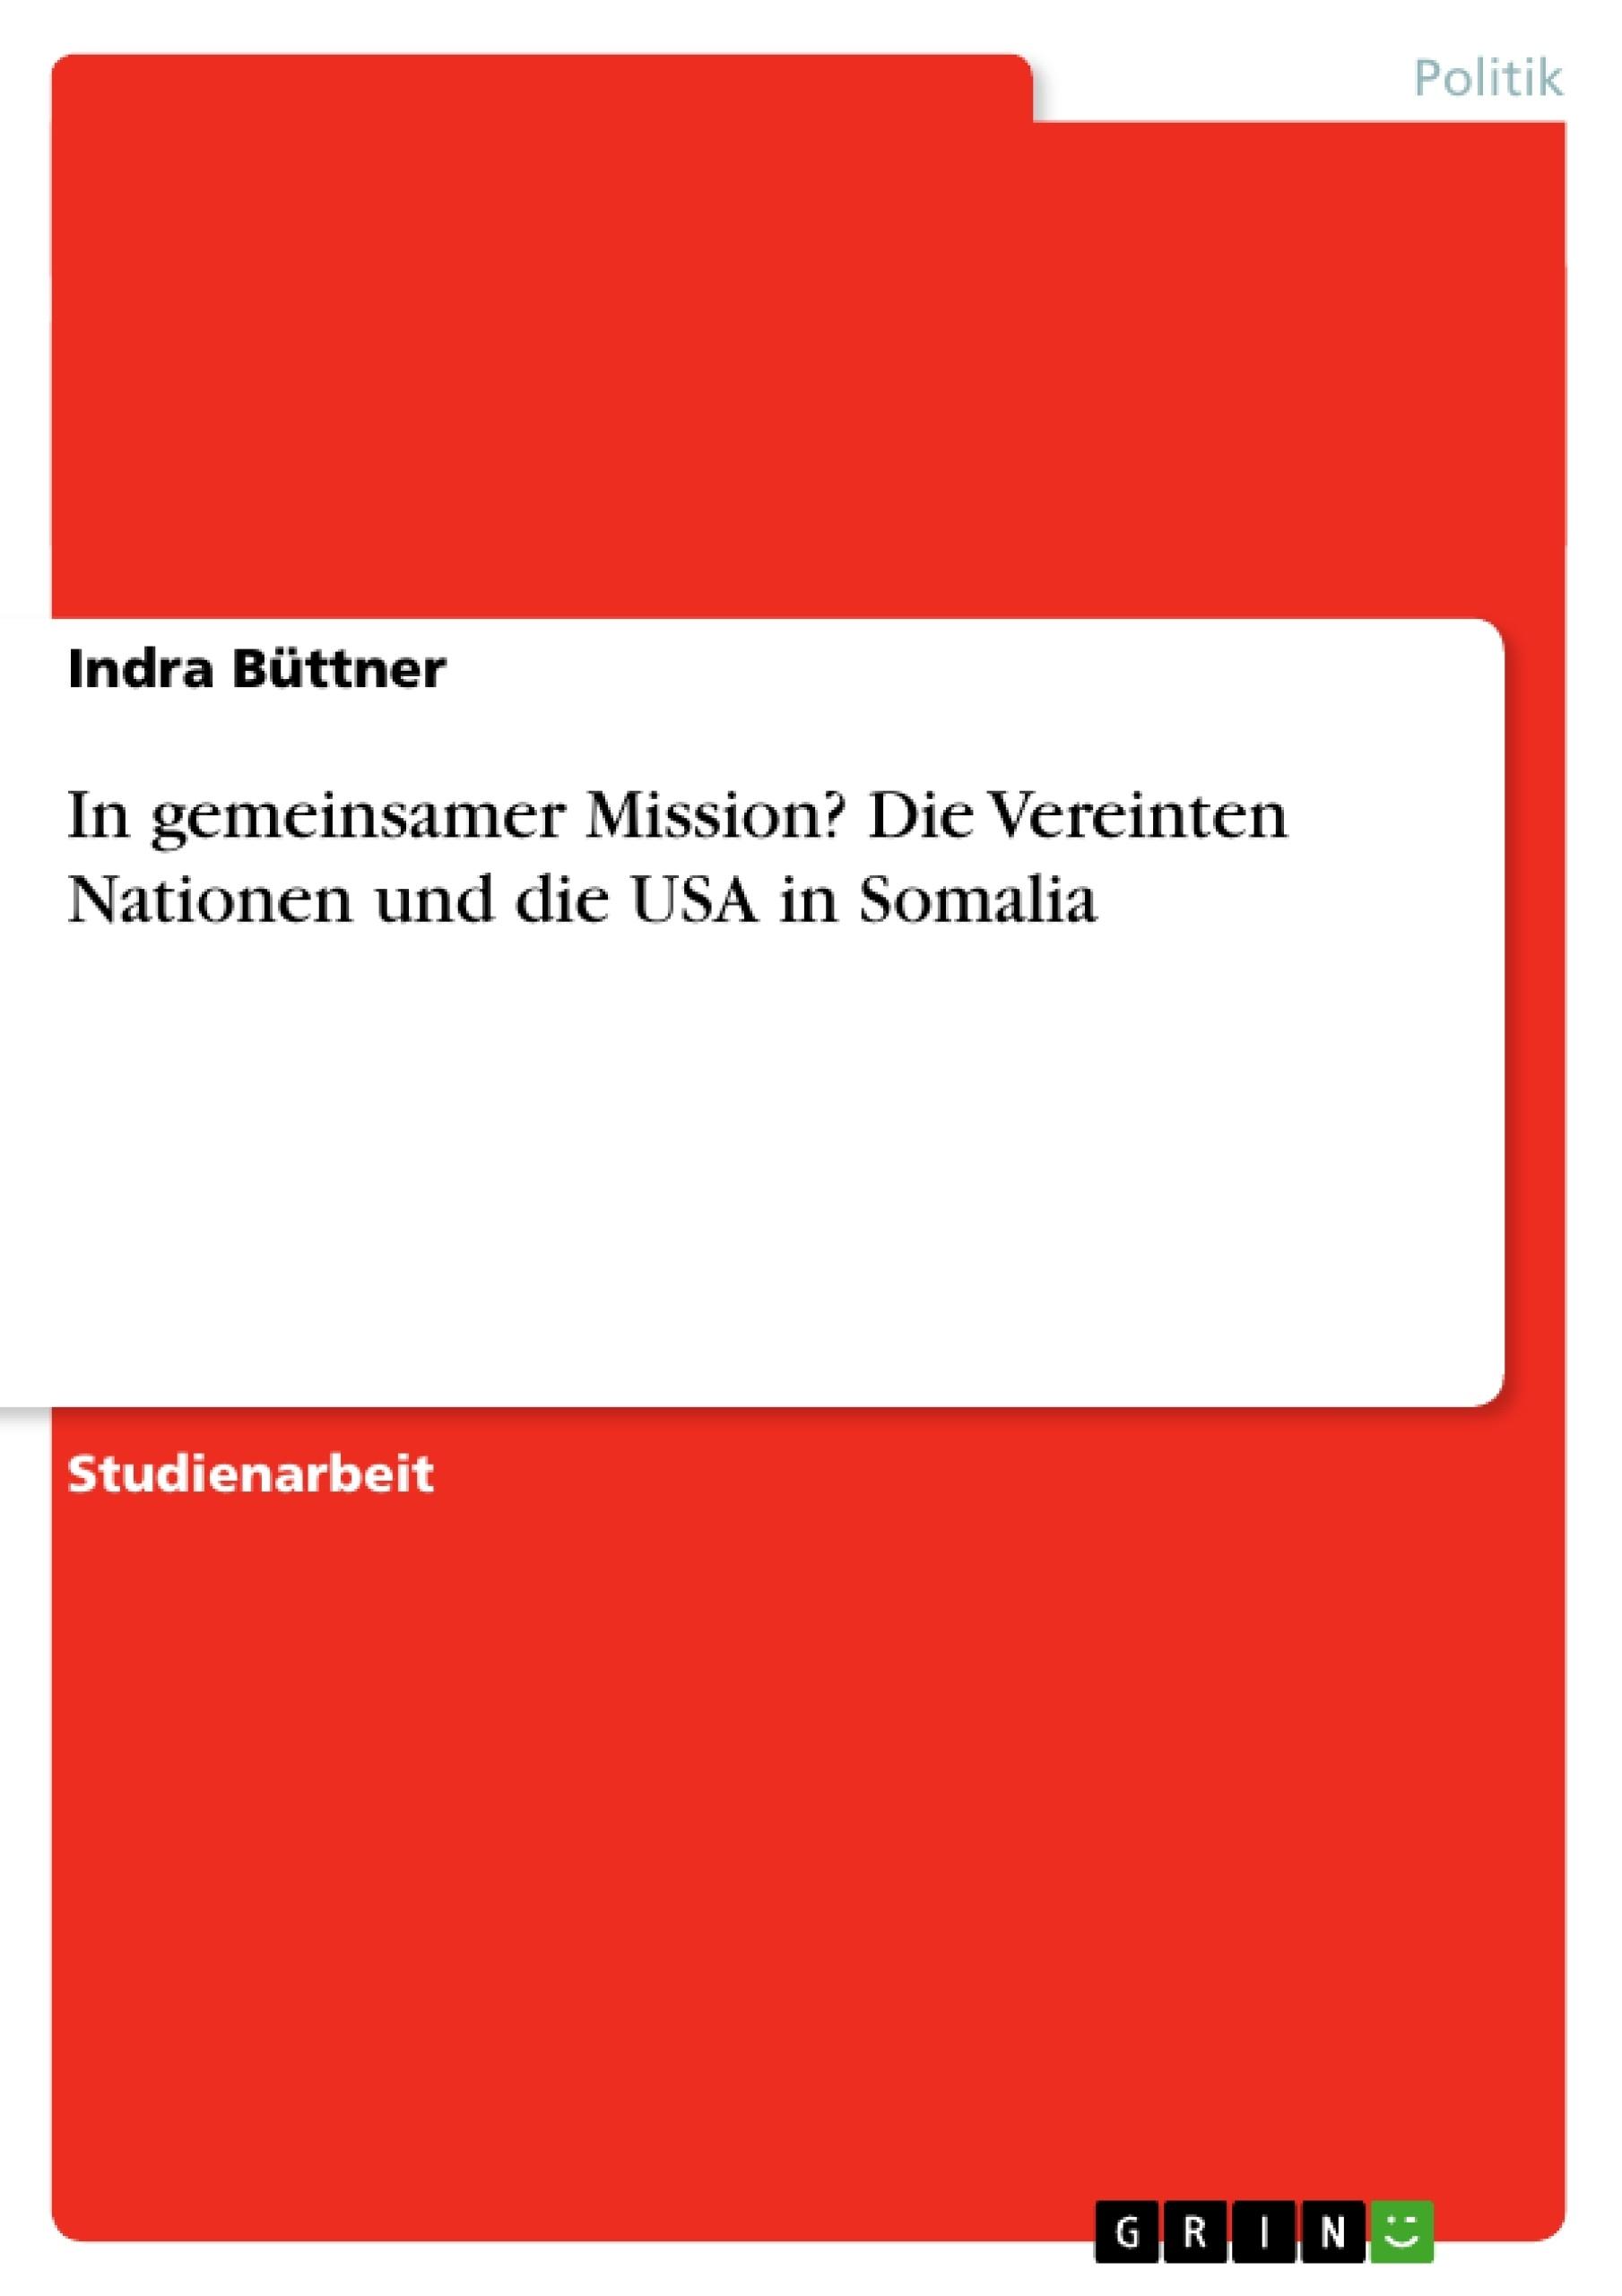 Titel: In gemeinsamer Mission? Die Vereinten Nationen und die USA in Somalia